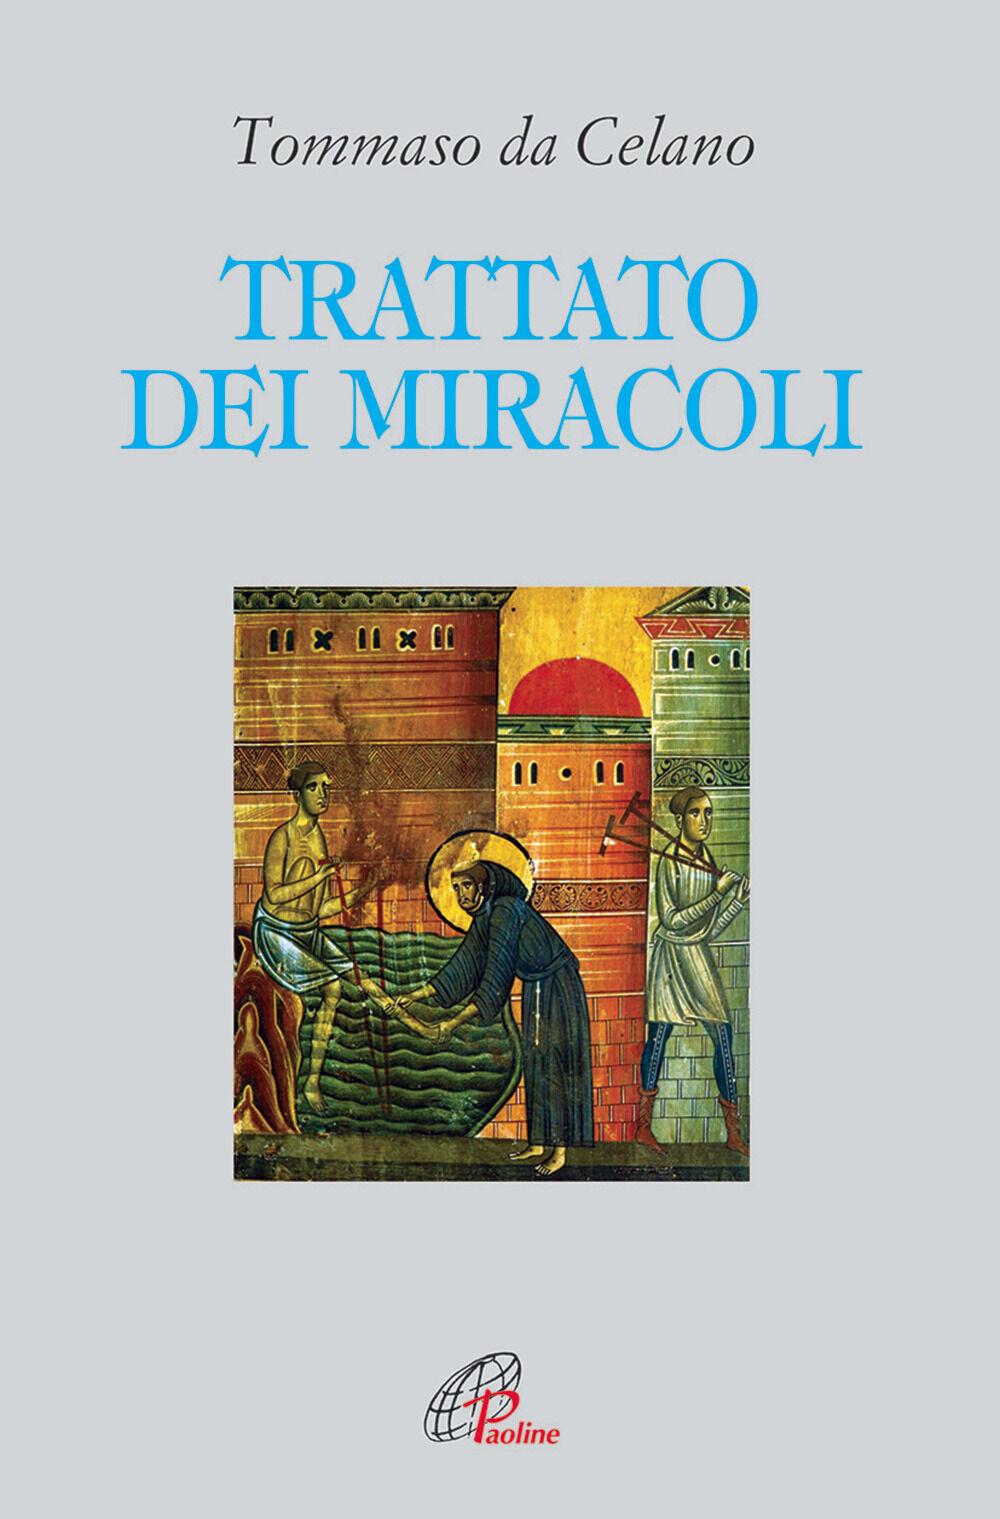 Trattato dei miracoli